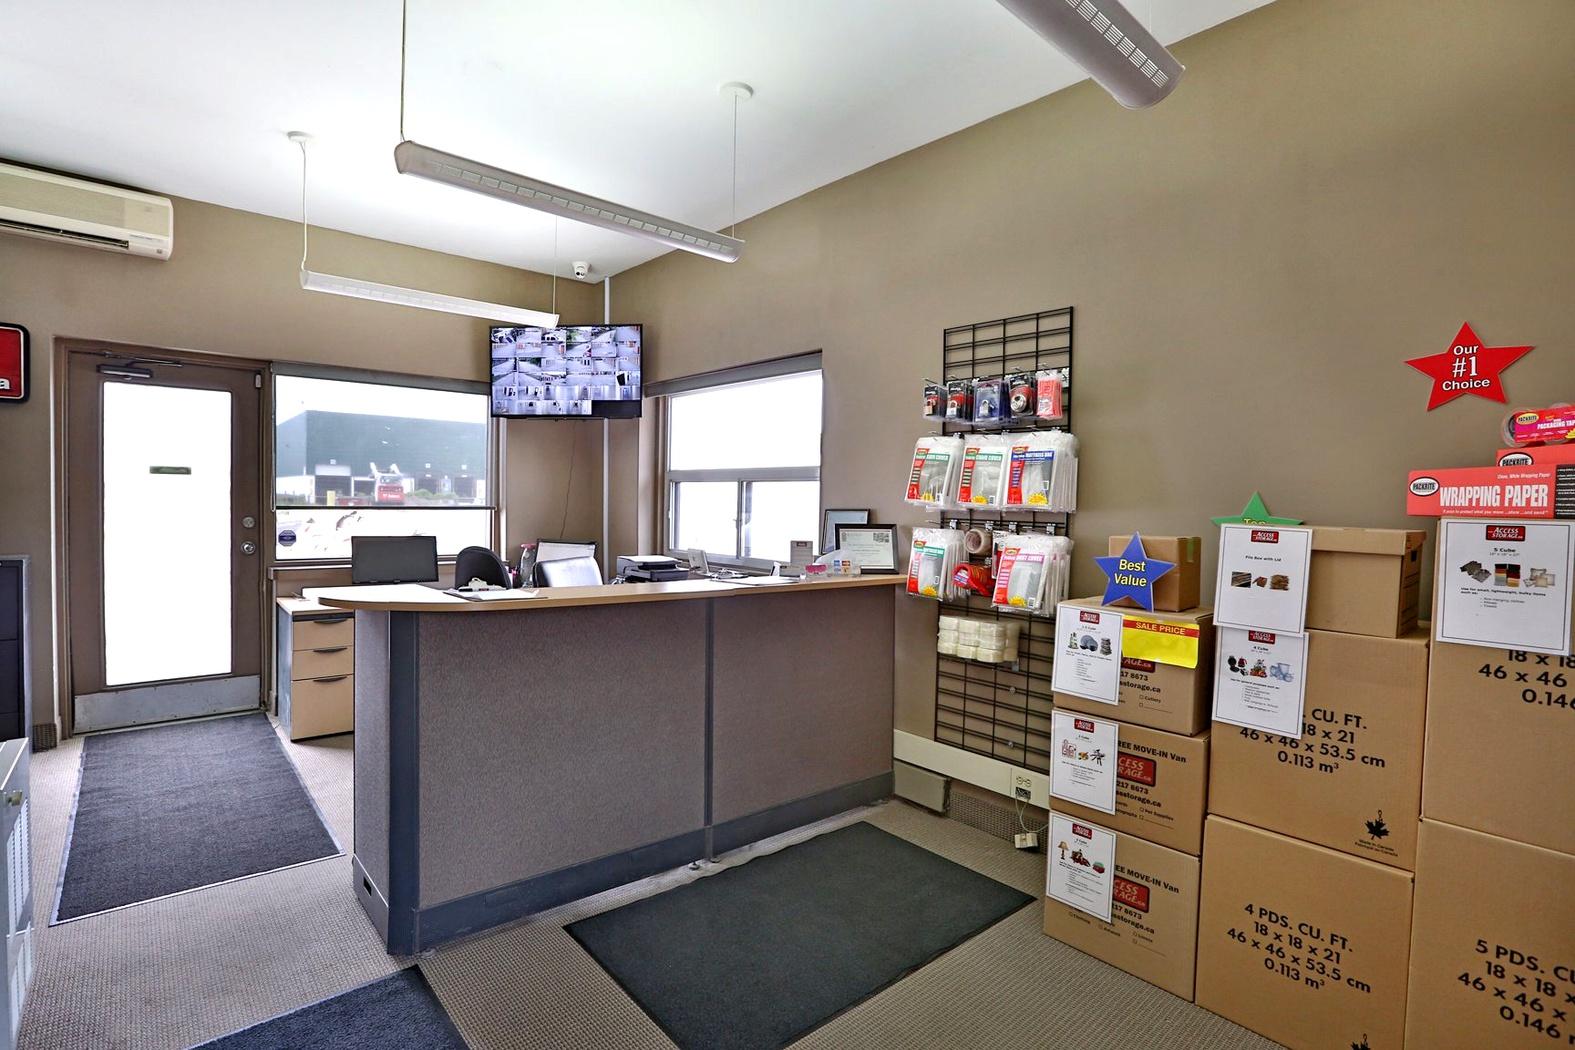 La succursale Access Storage – East York, située au 40 Beth Nealson Drive, a la solution d'entreposage qu'il vous faut. Réservez dès aujourd'hui!